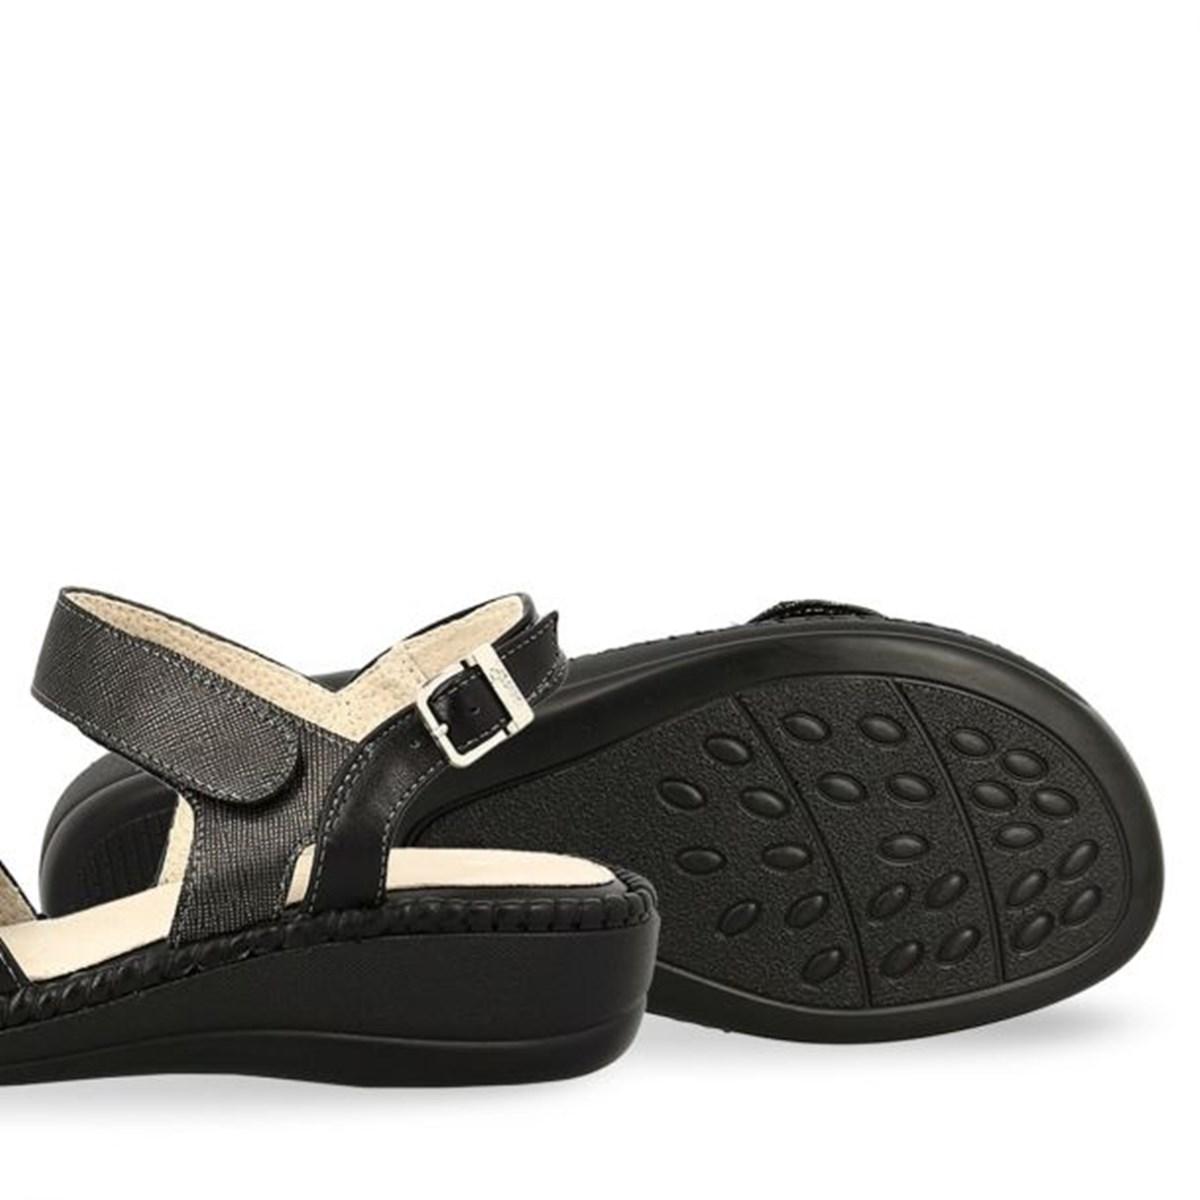 Γυναικεία Comfort Πέδιλα Peep Toe Parex 11617008.B μαύρο